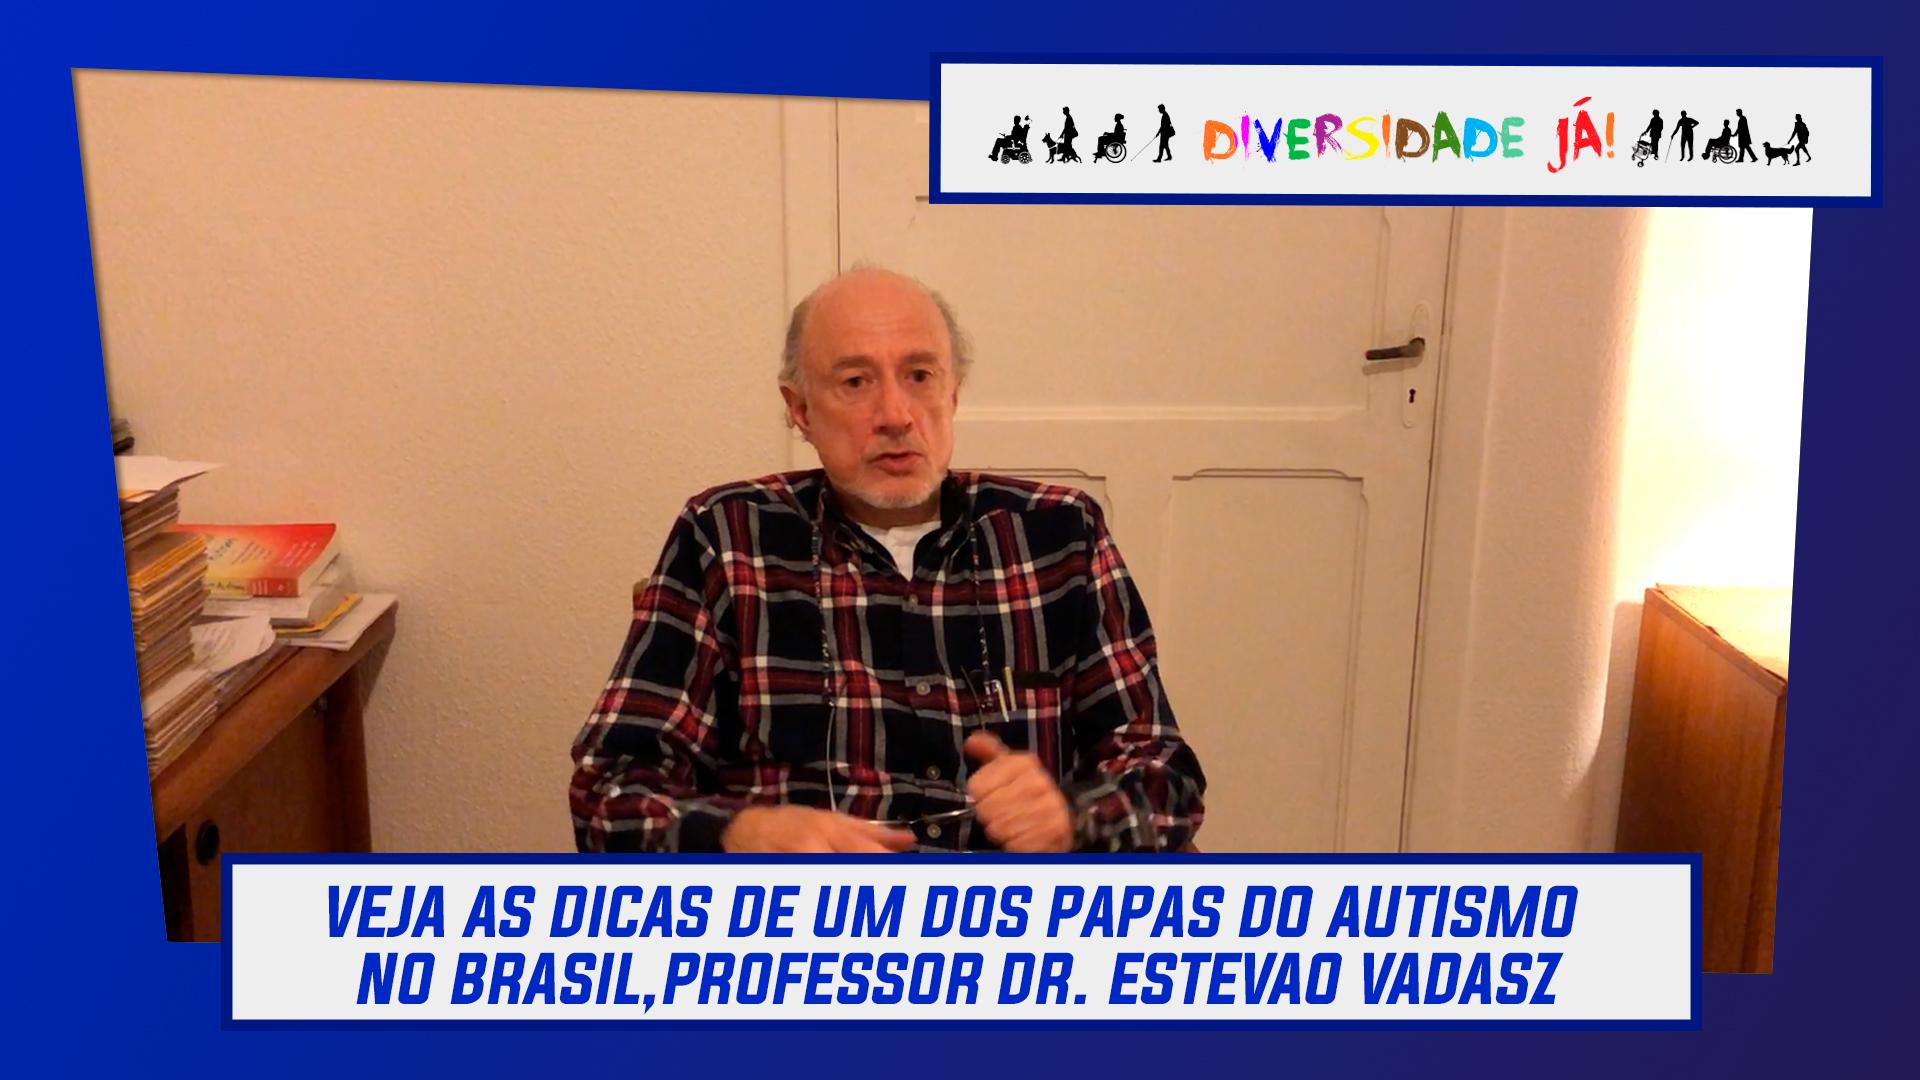 Veja as dicas de um dos papas do autismo no Brasil, Professor Dr. Estevao Vadasz